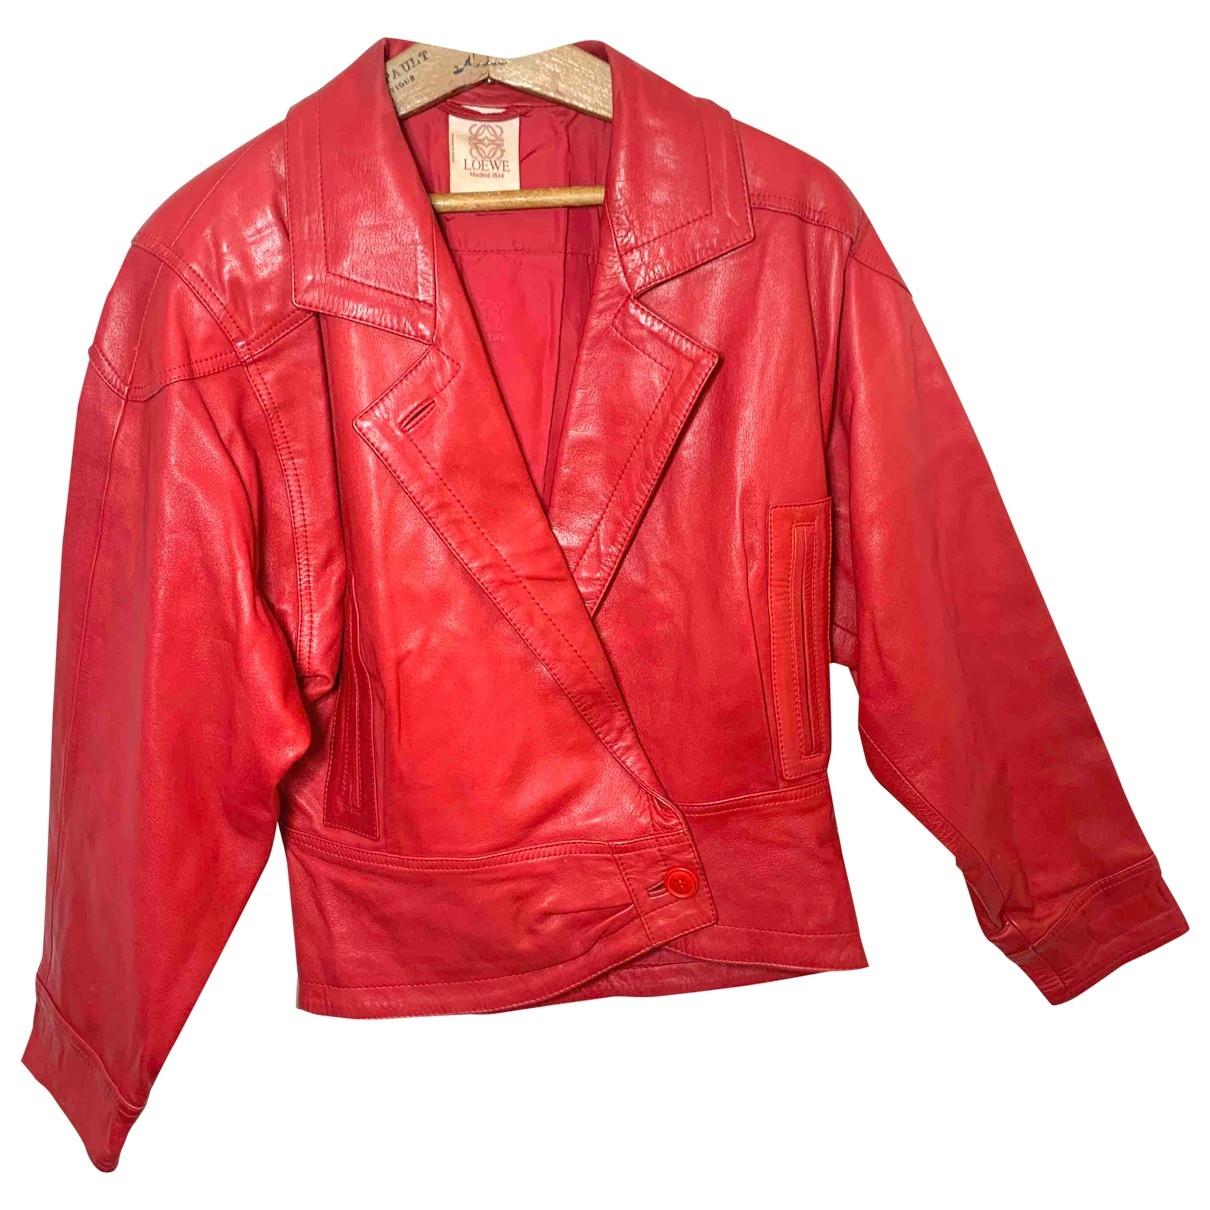 Loewe - Veste   pour femme en cuir - rouge